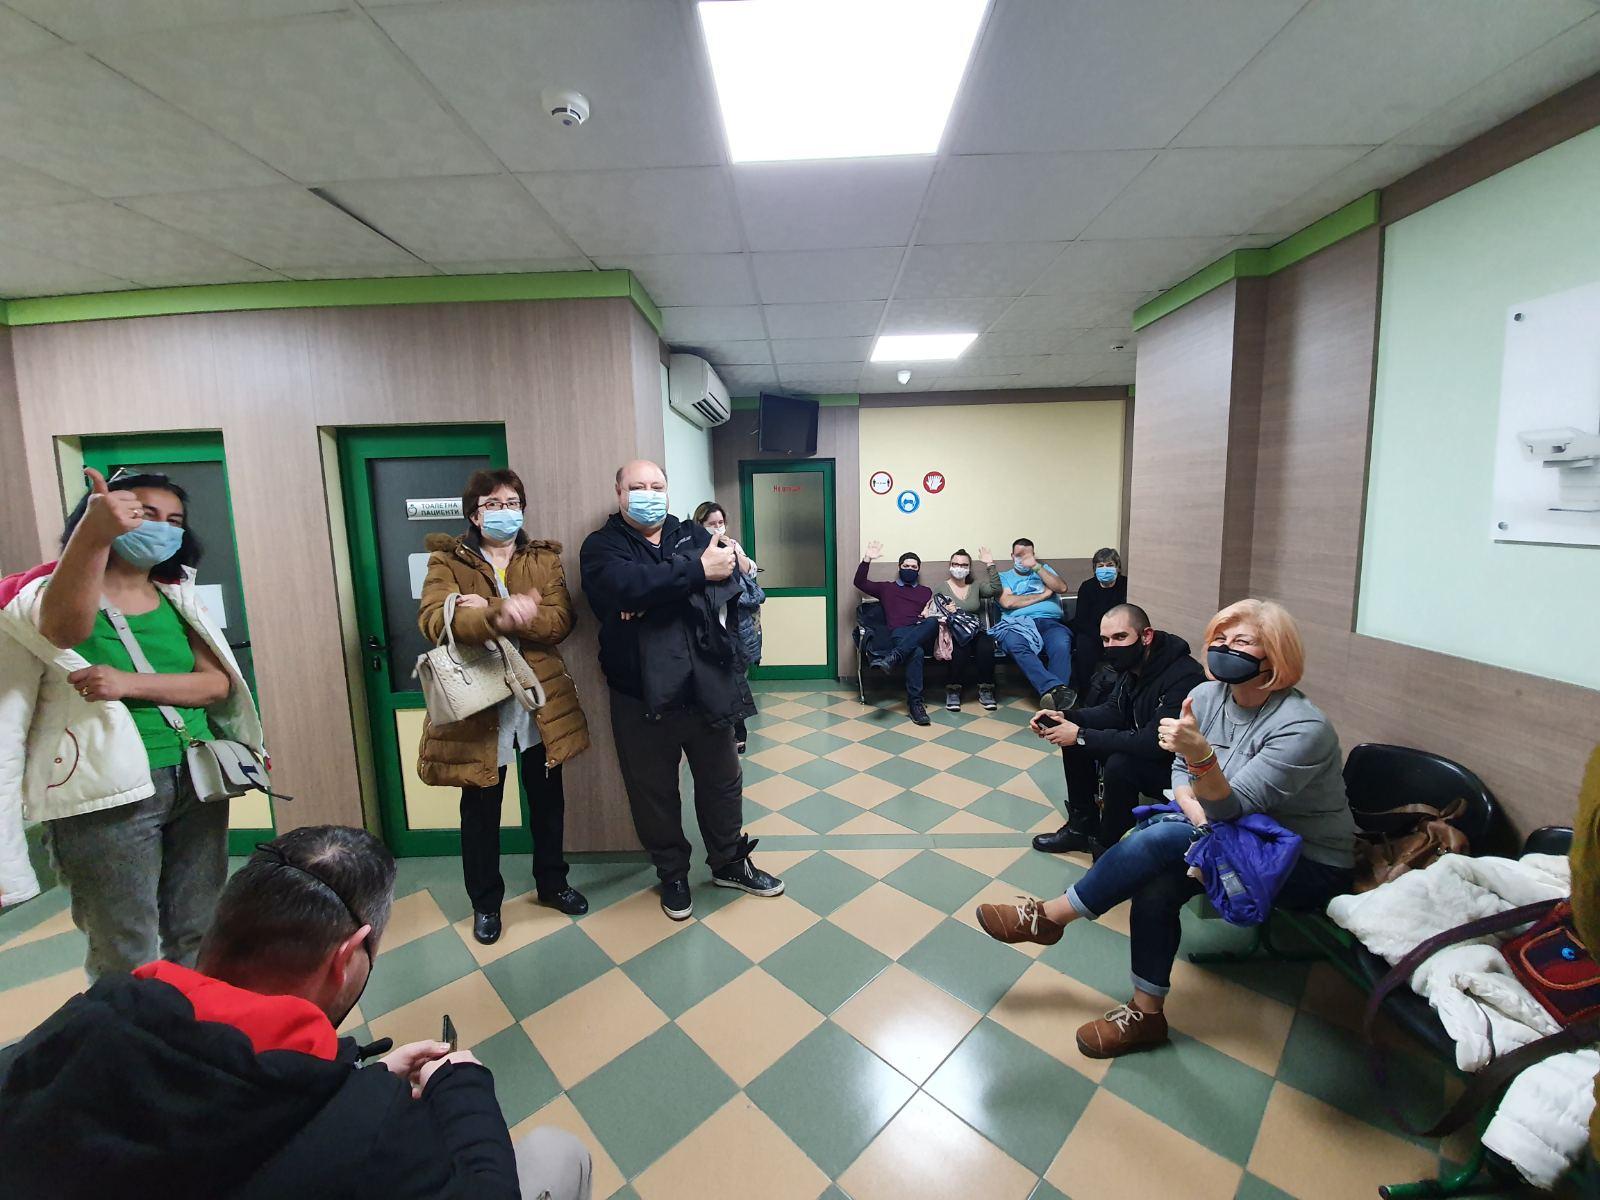 47 души са ваксинира през нощта в денонощен кабинет в Пловдив